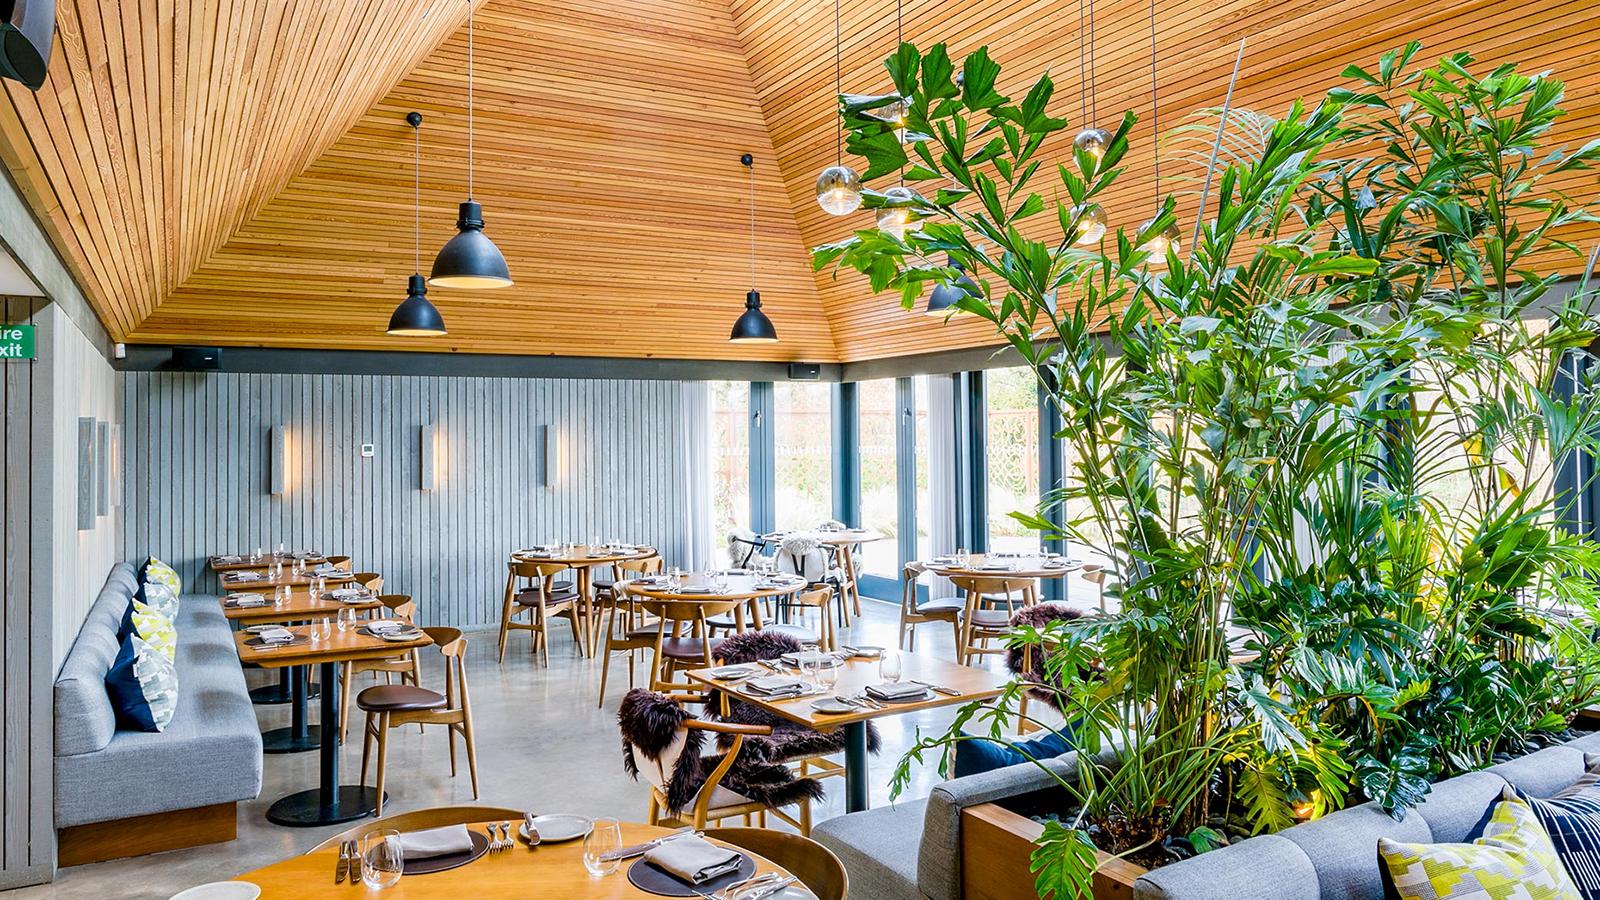 restaurant spotlight the woodspeen restaurant spotlight. Black Bedroom Furniture Sets. Home Design Ideas